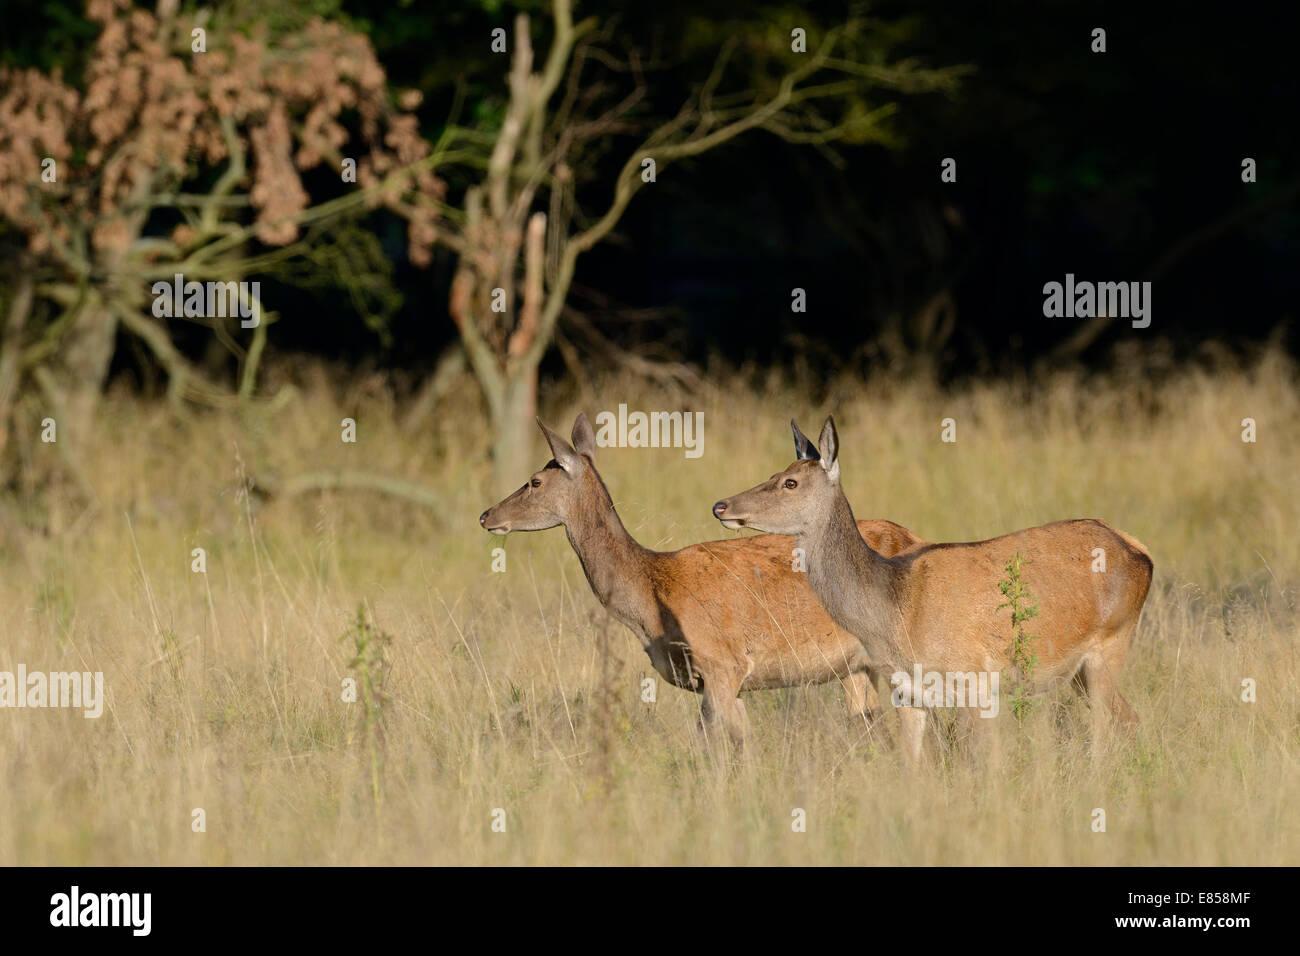 Red Deer (Cervus elaphus), does, Denmark - Stock Image